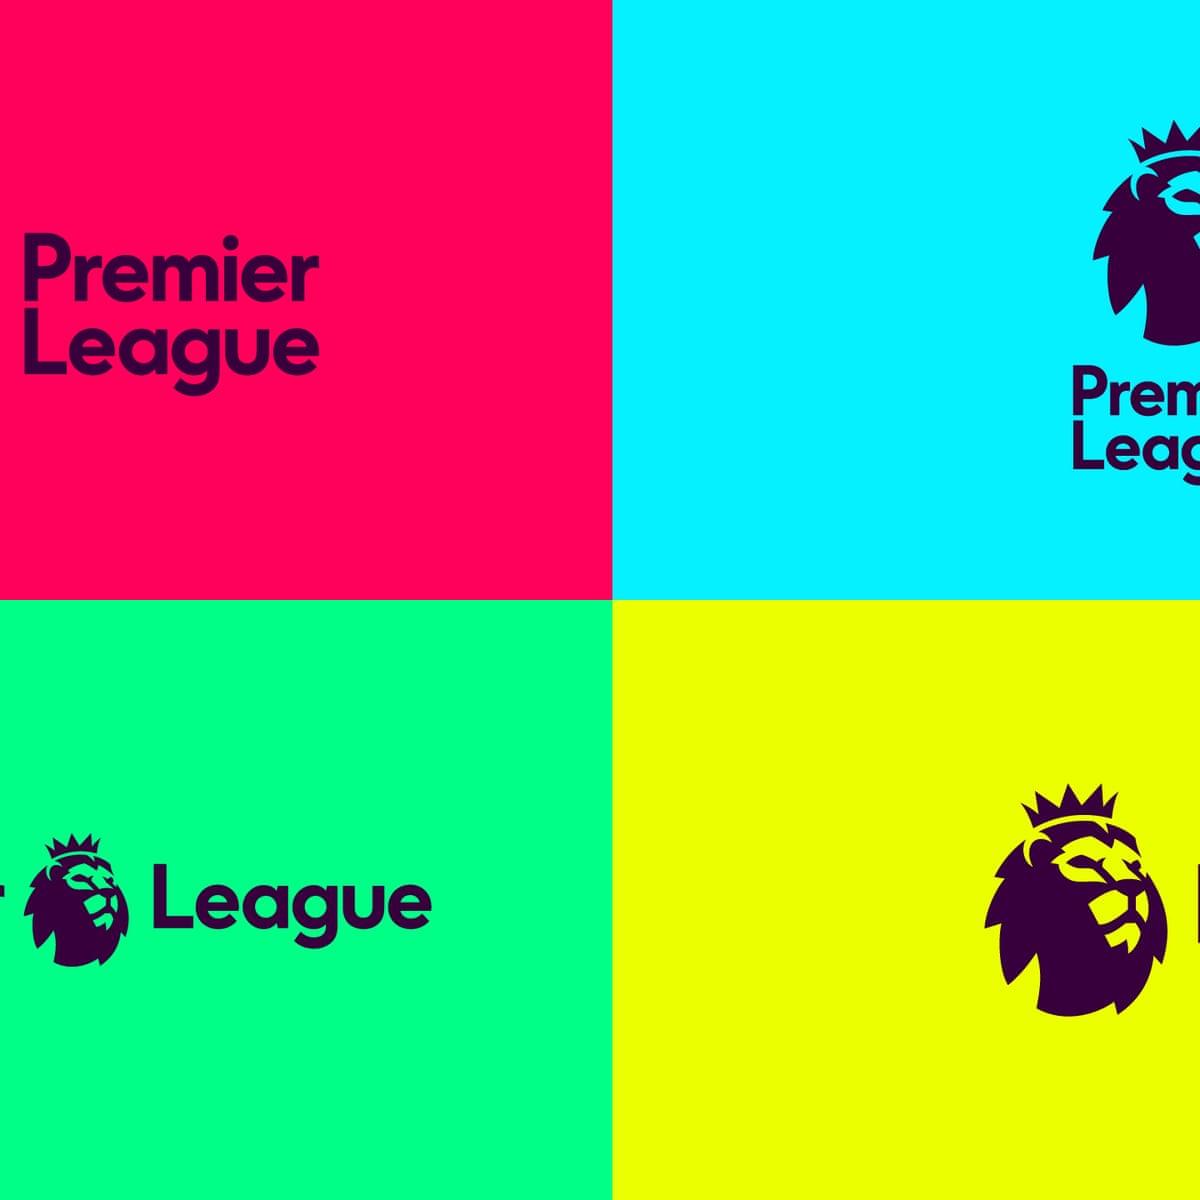 Can You Design A Better Logo For The Premier League Premier League The Guardian